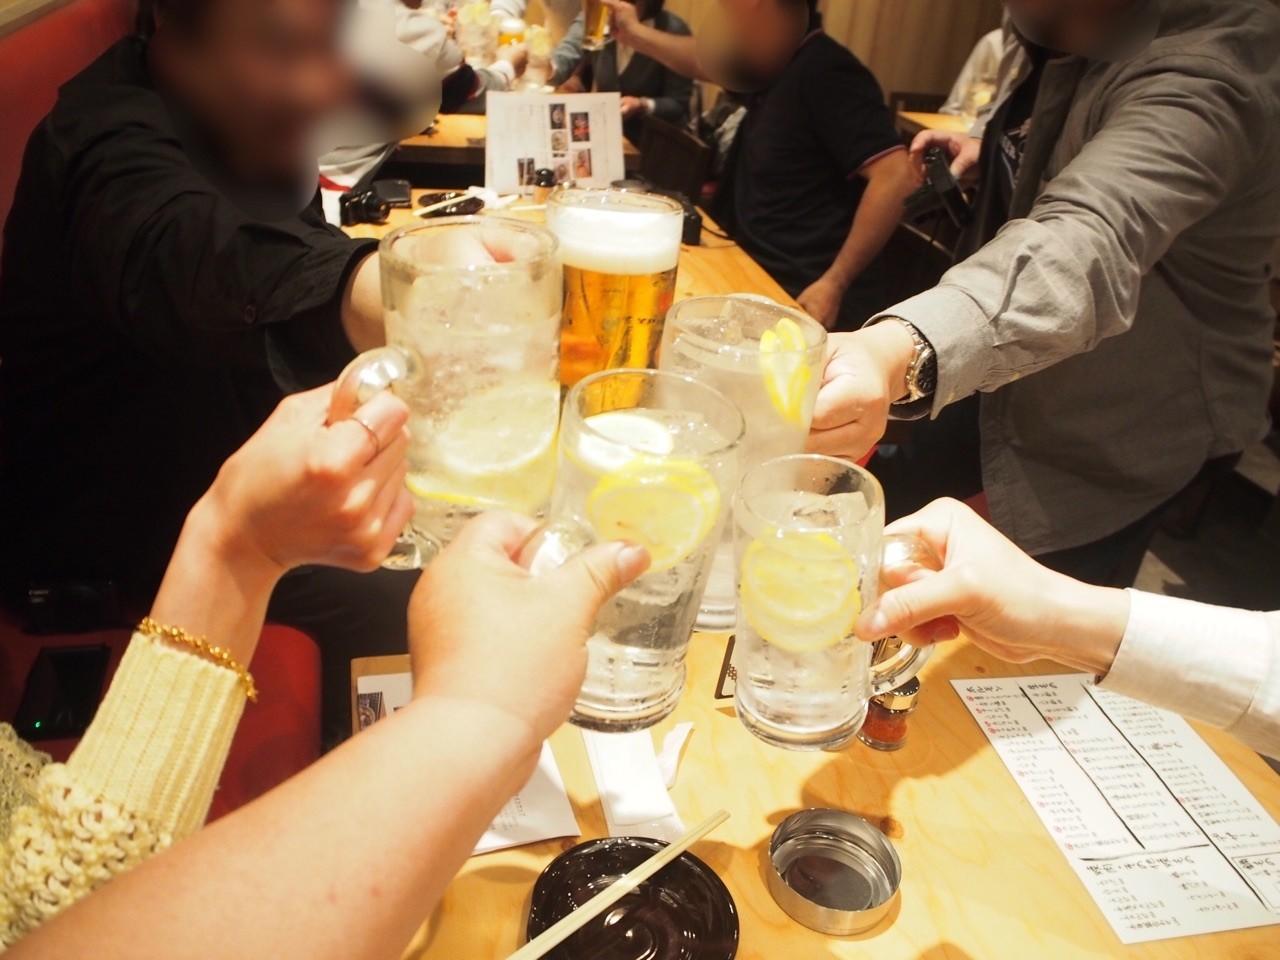 同伴們乾杯